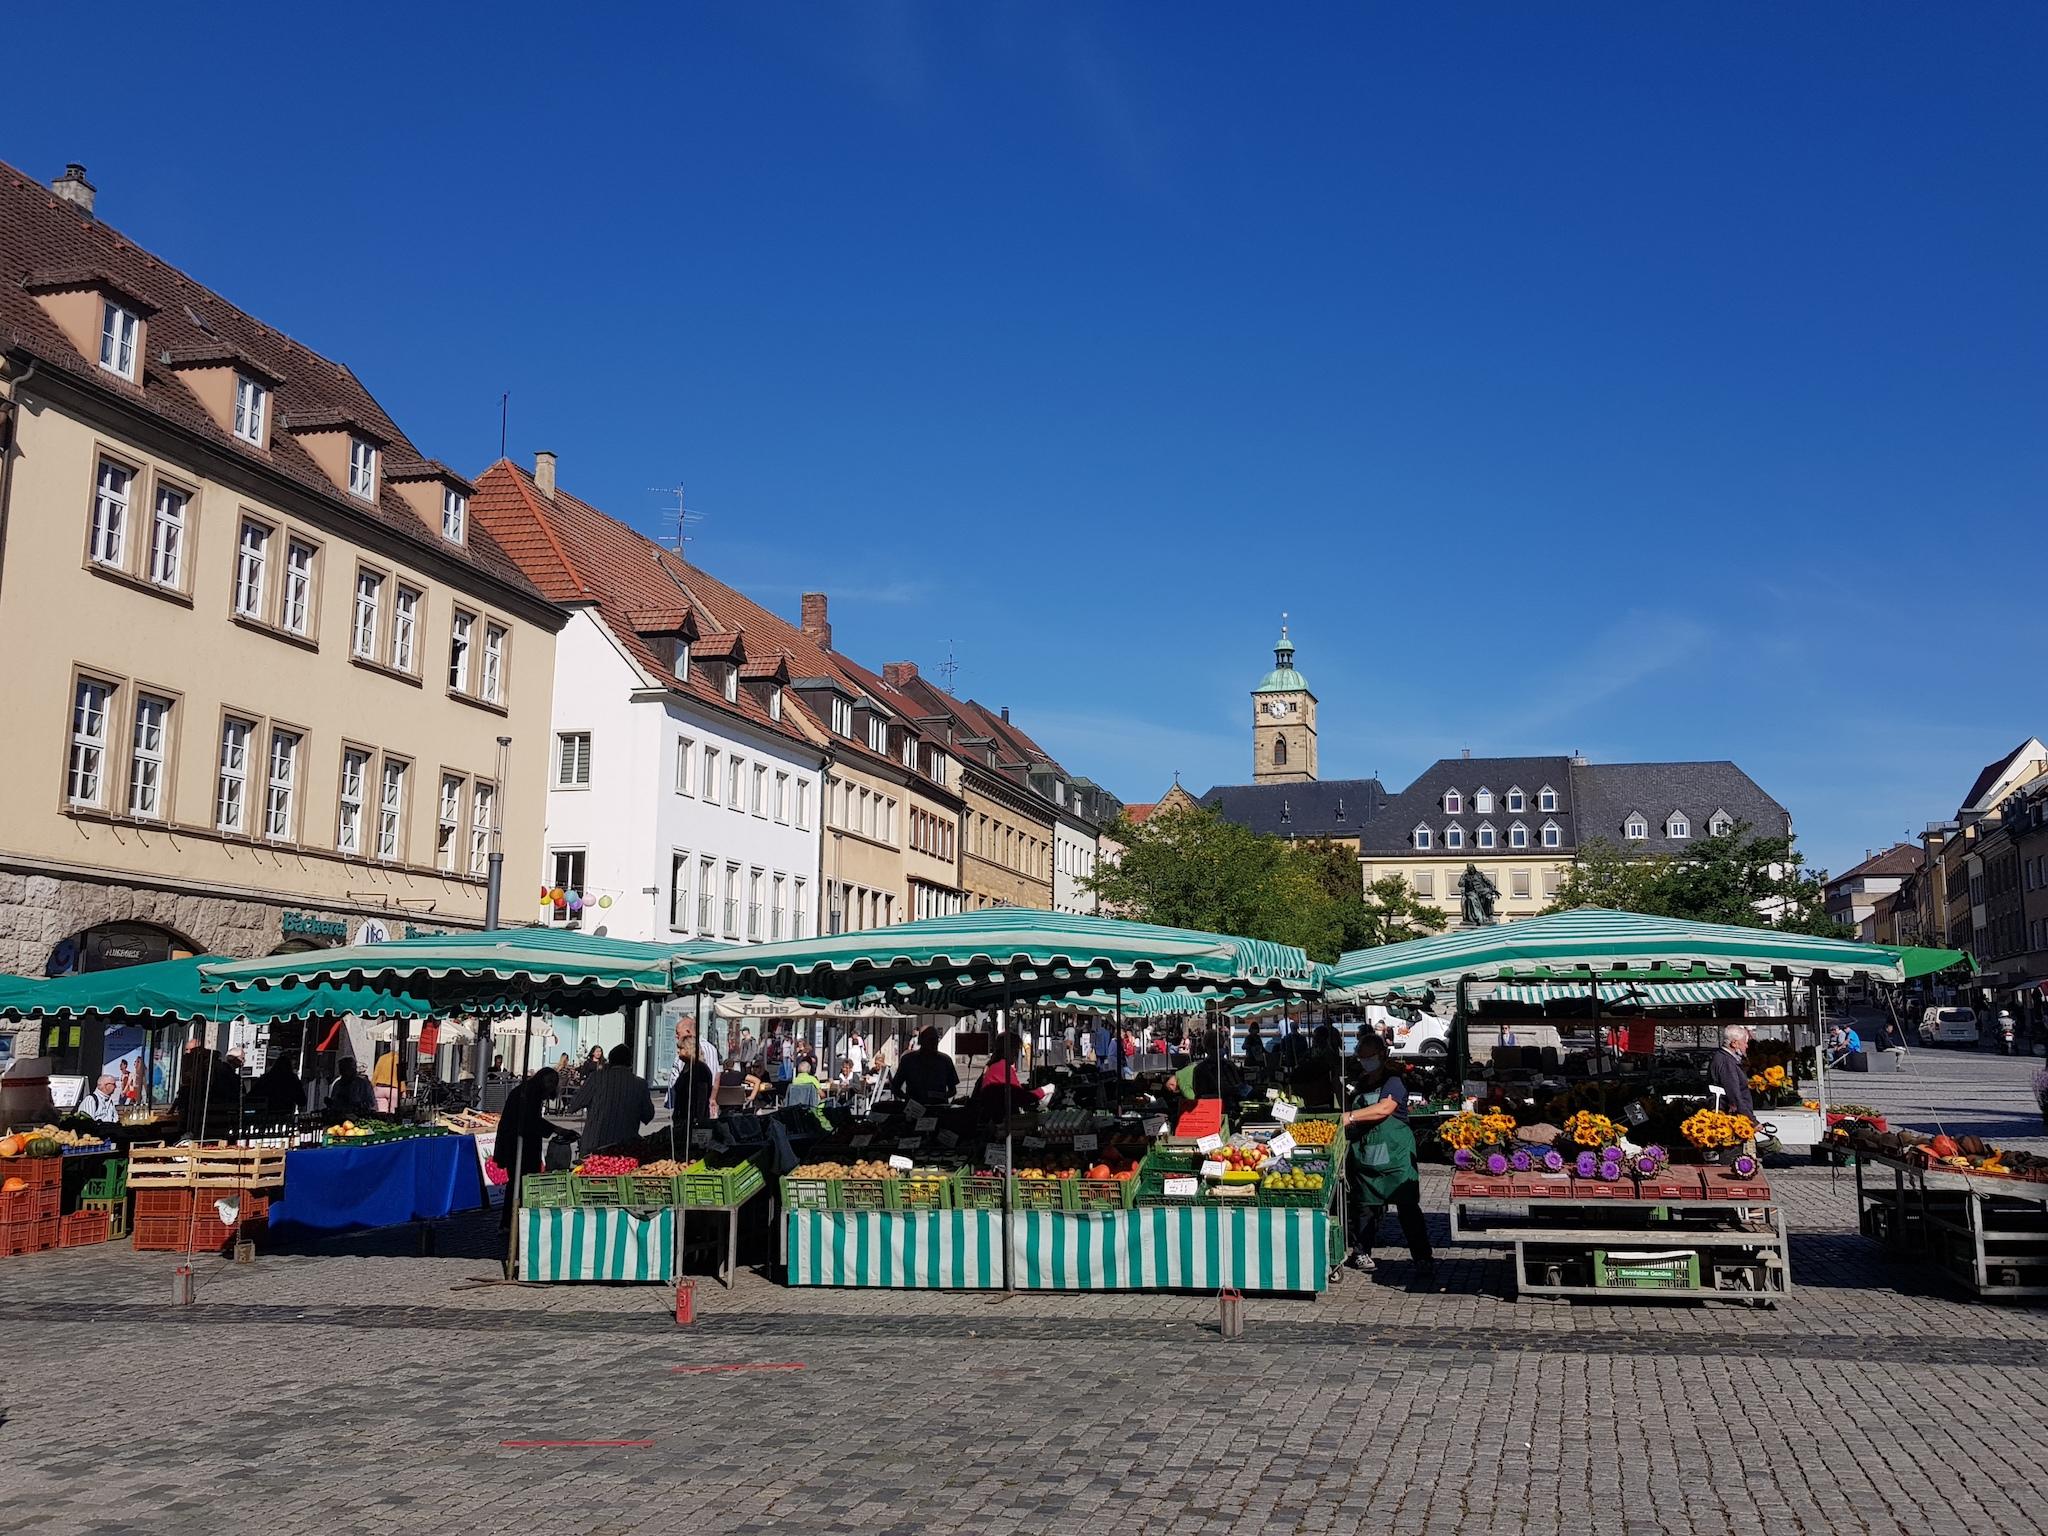 Wochenmarkt in Schweinfurt. Foto: Dirk Flieger